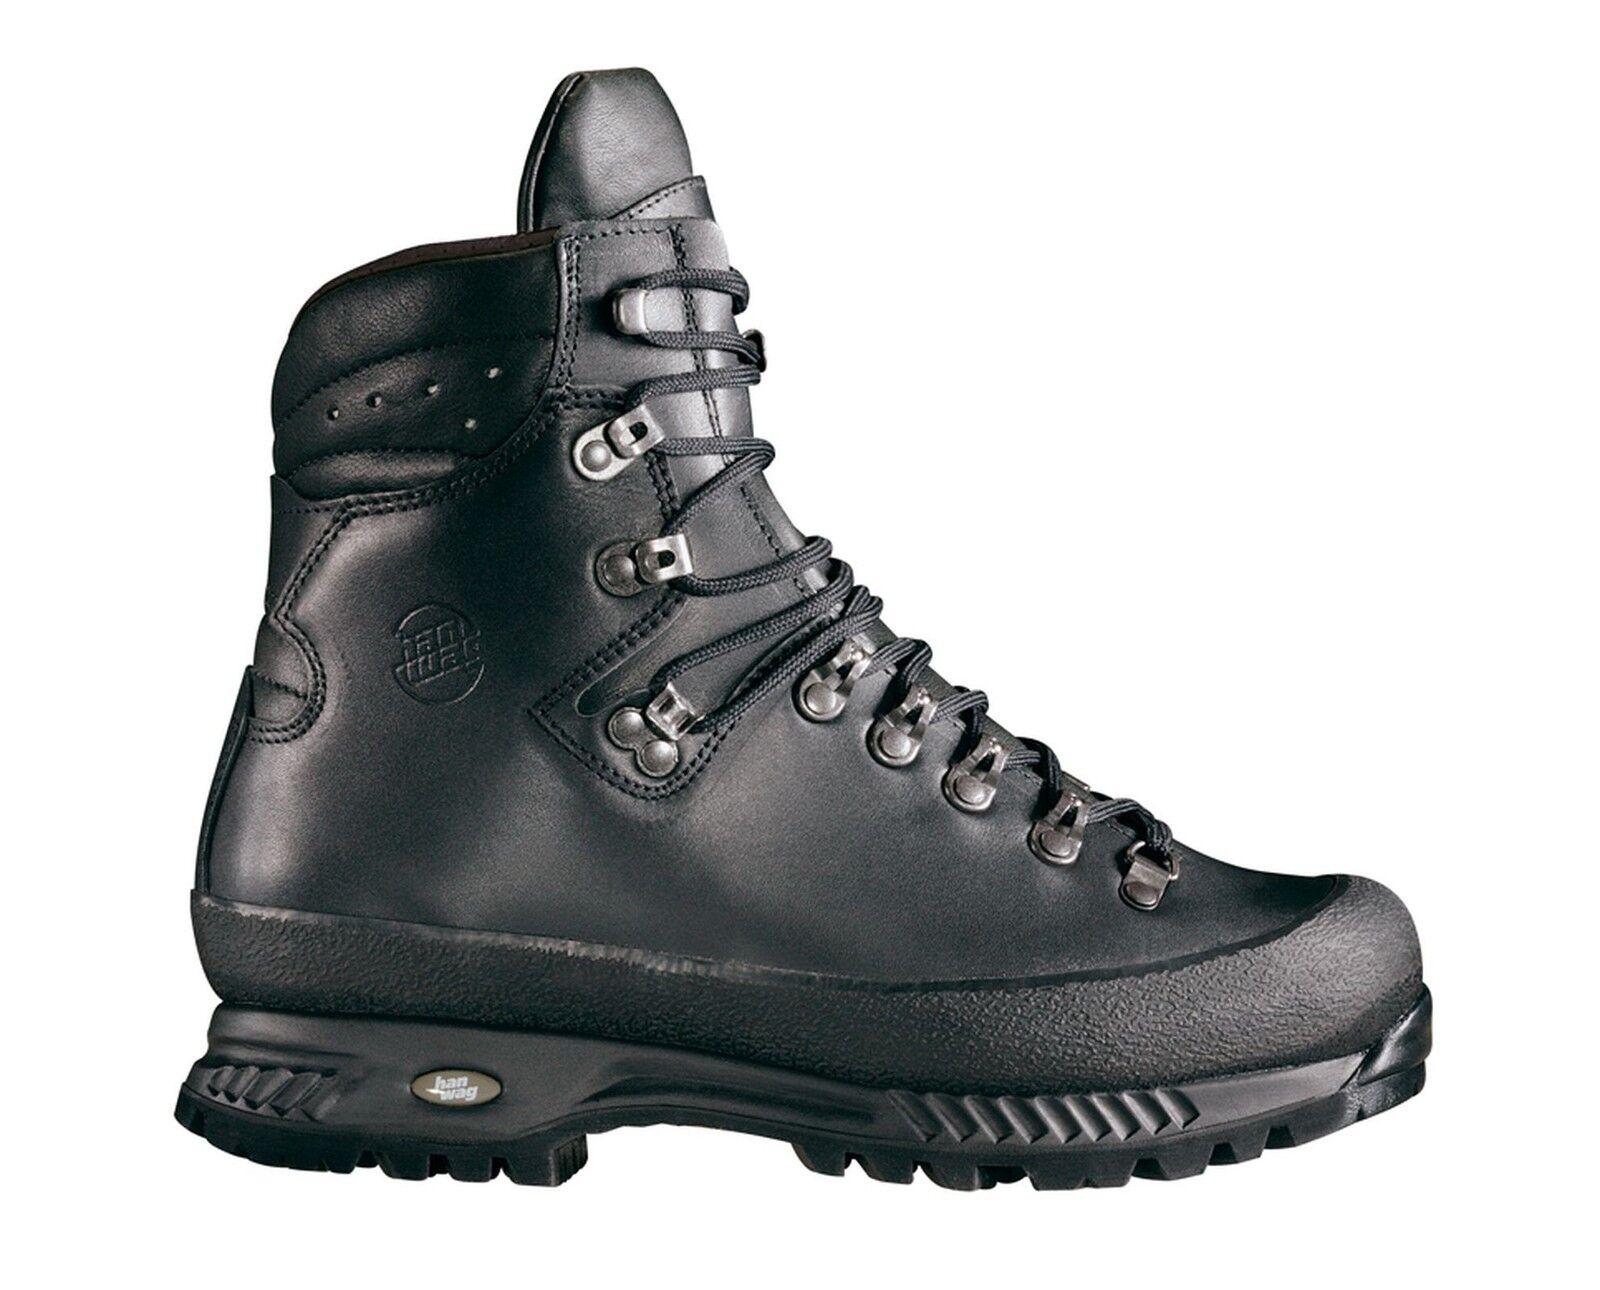 Hanwag Bergschuhe  Yukon Men Leder Größe 7,5 - 41,5 black